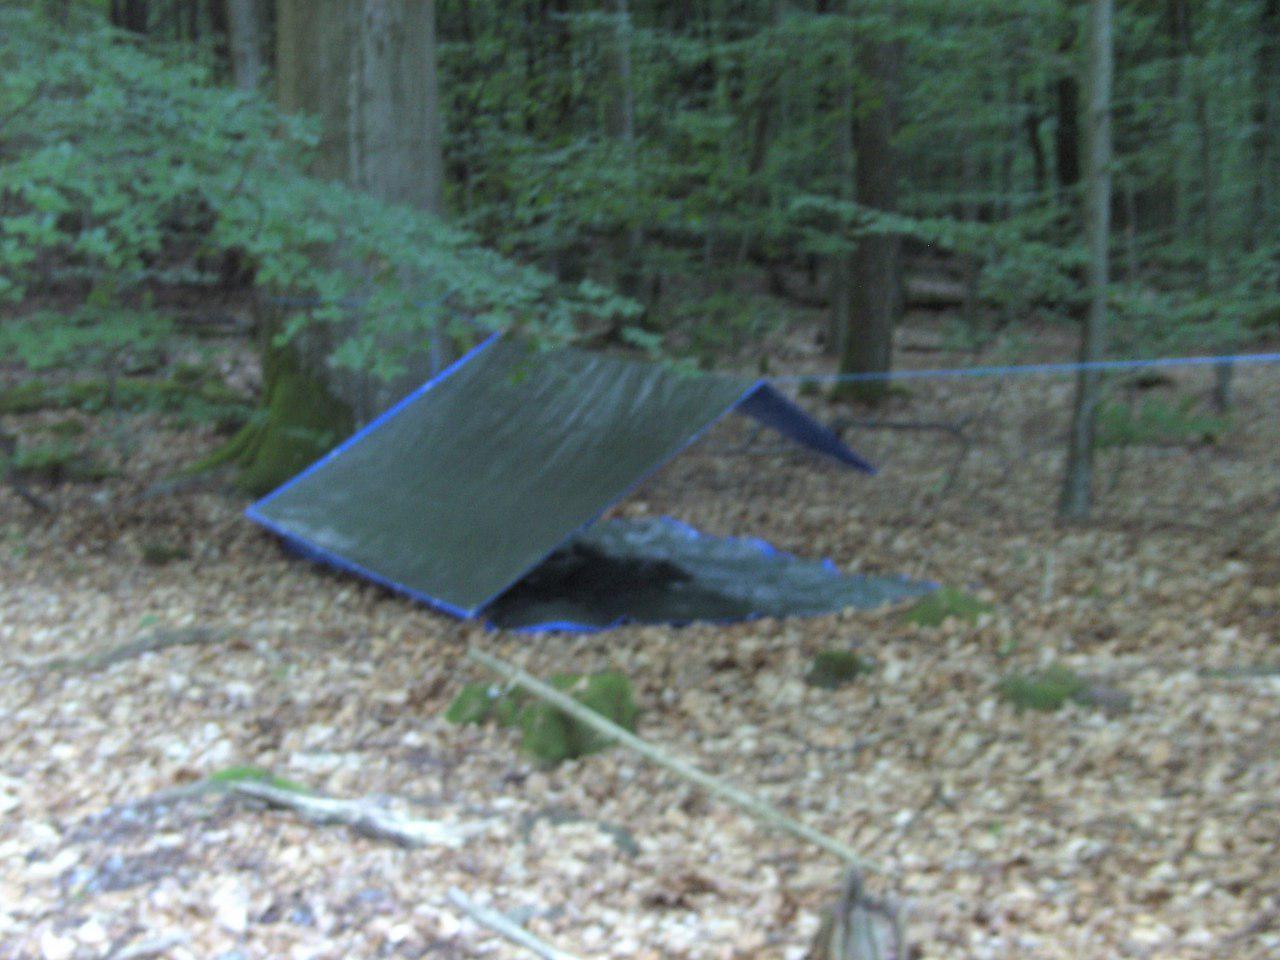 Shelter im Mischwald. Raupen als Mitbewohner inklusive.